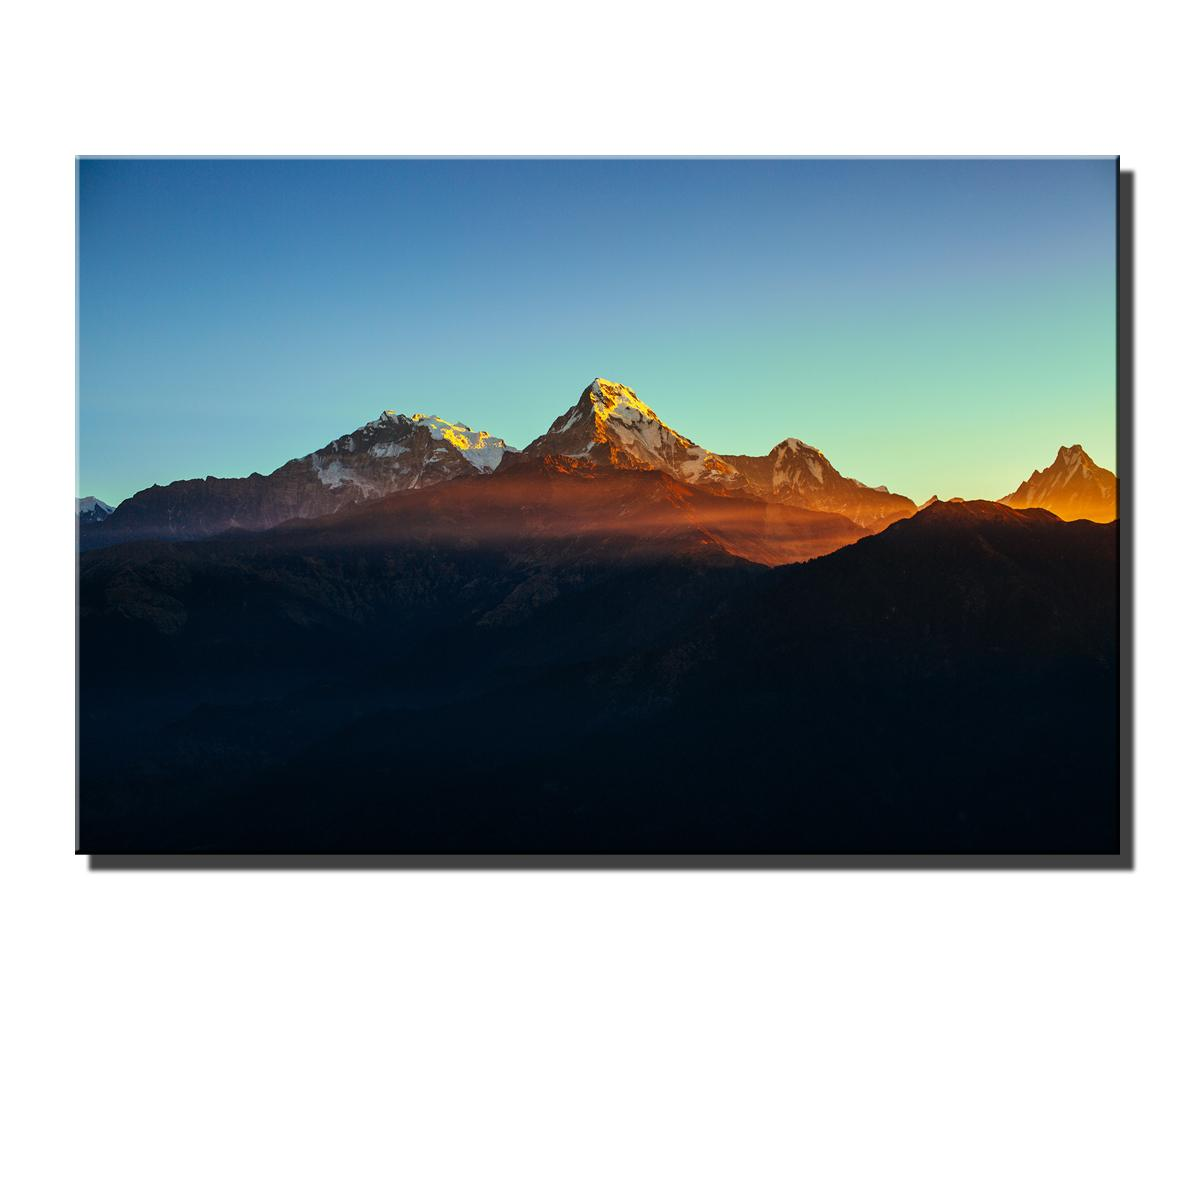 Annapurna, HD Impresión de lienzos Nueva decoración del hogar Arte Pintura / (Sin marco / Enmarcado)